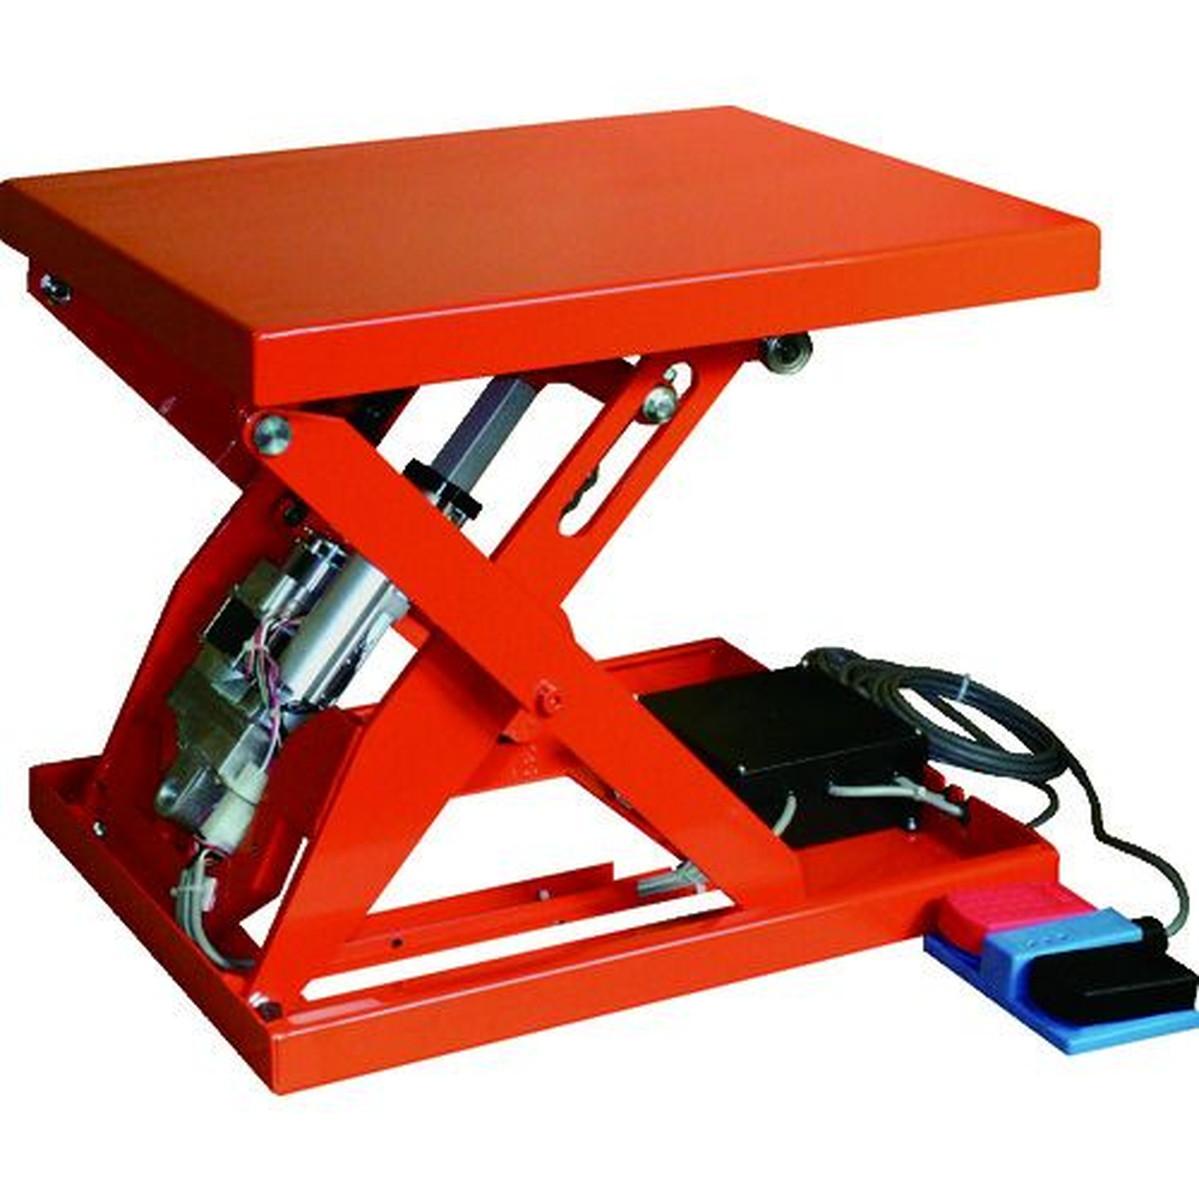 【即納】 TRUSCO テーブルリフト150kg(電動Bねじ式100V)400×500mm 1台, リフォームのピース ザネクスト be7ce586